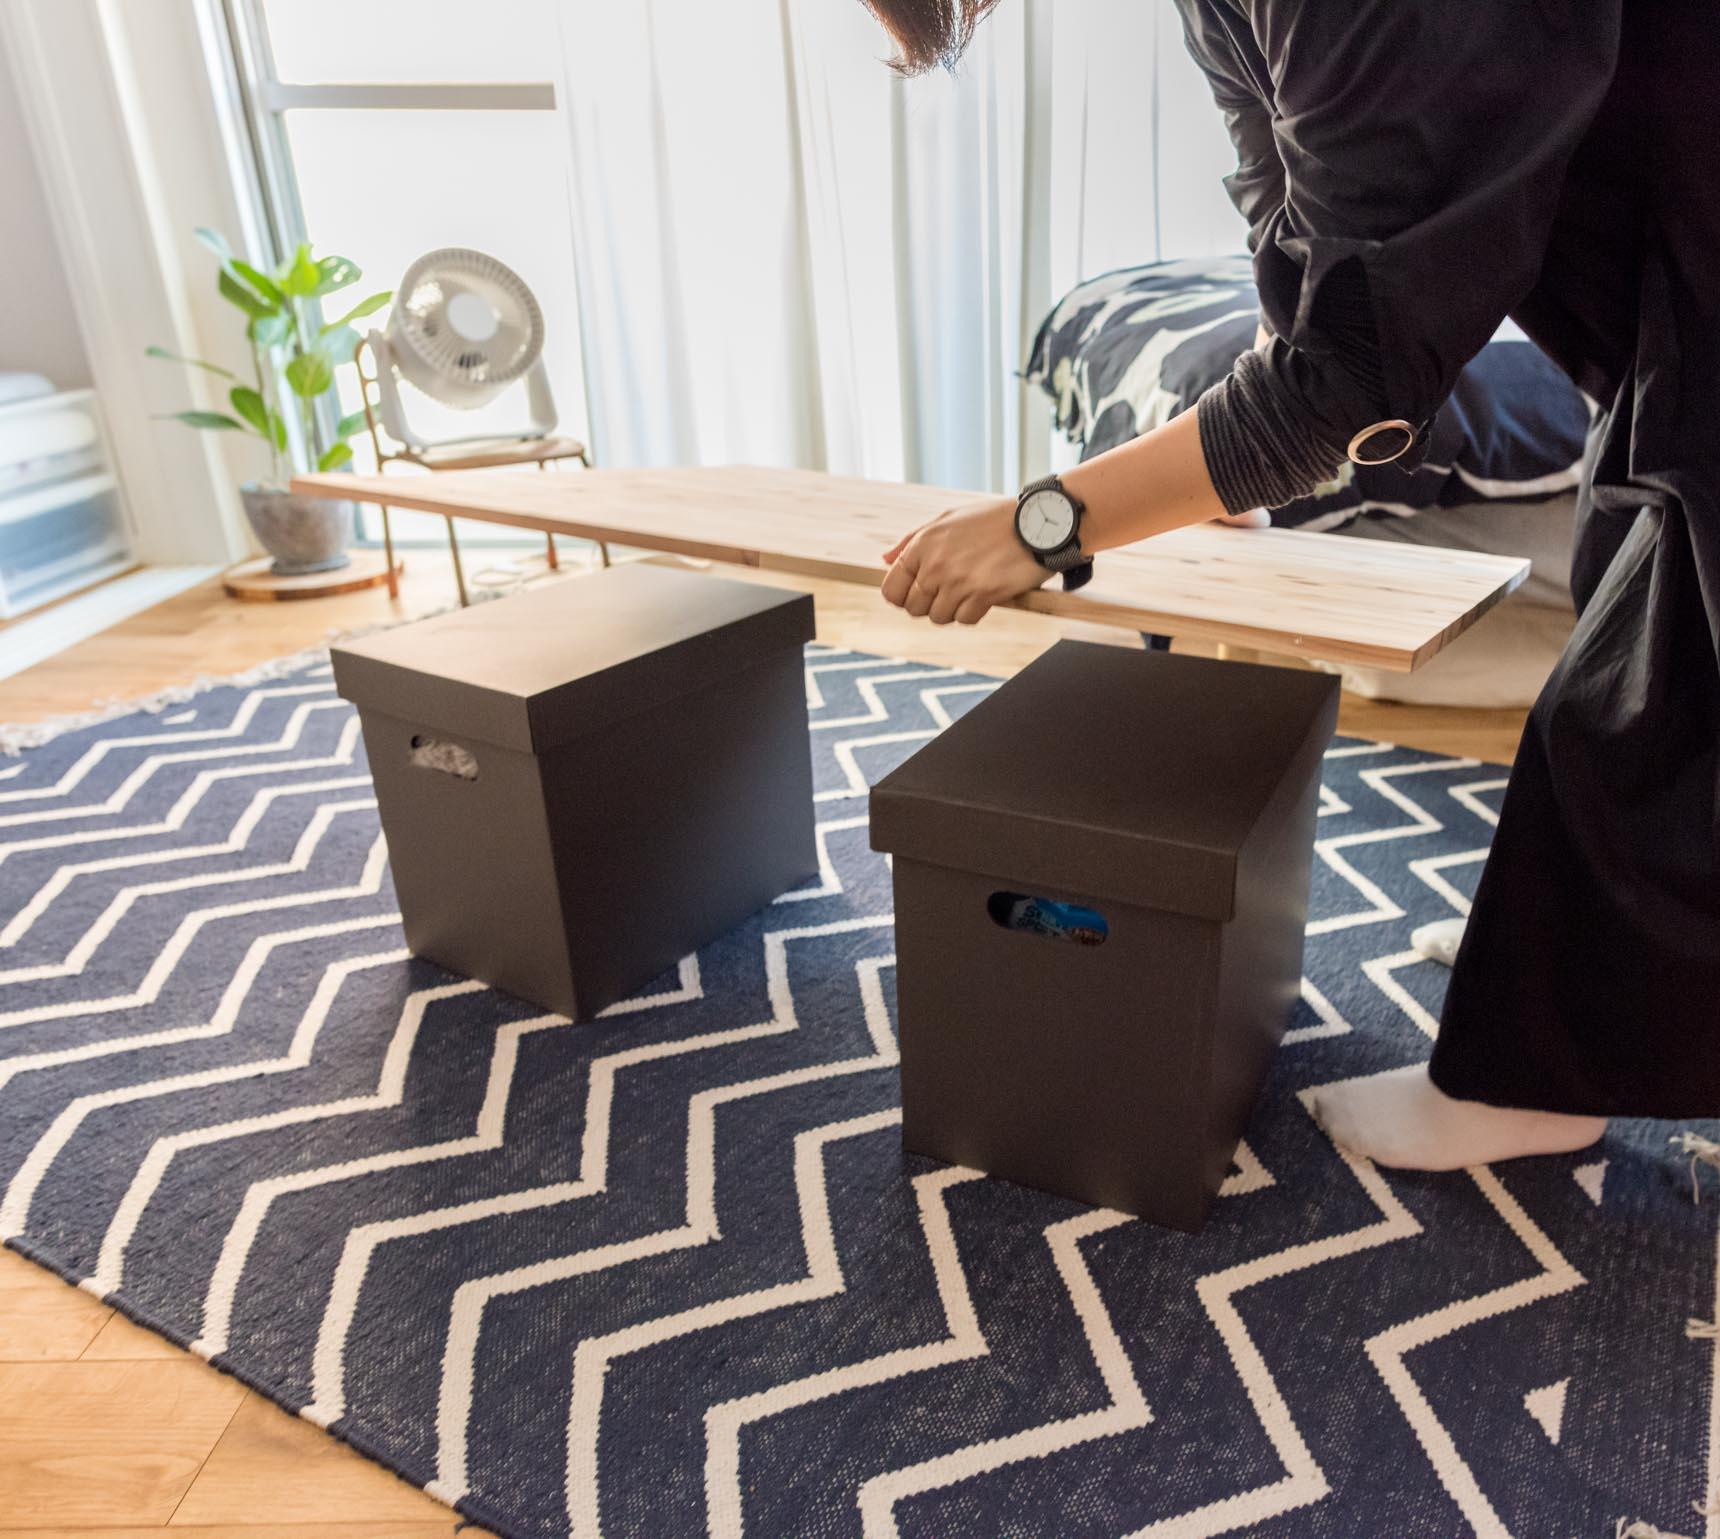 テーブルは友人が来たときなど、ひつような場面でセットする。脚は棚に入っていた箱。天板をのせてできあがり。斜めに敷かれたラグと共に良い空間を作っている。